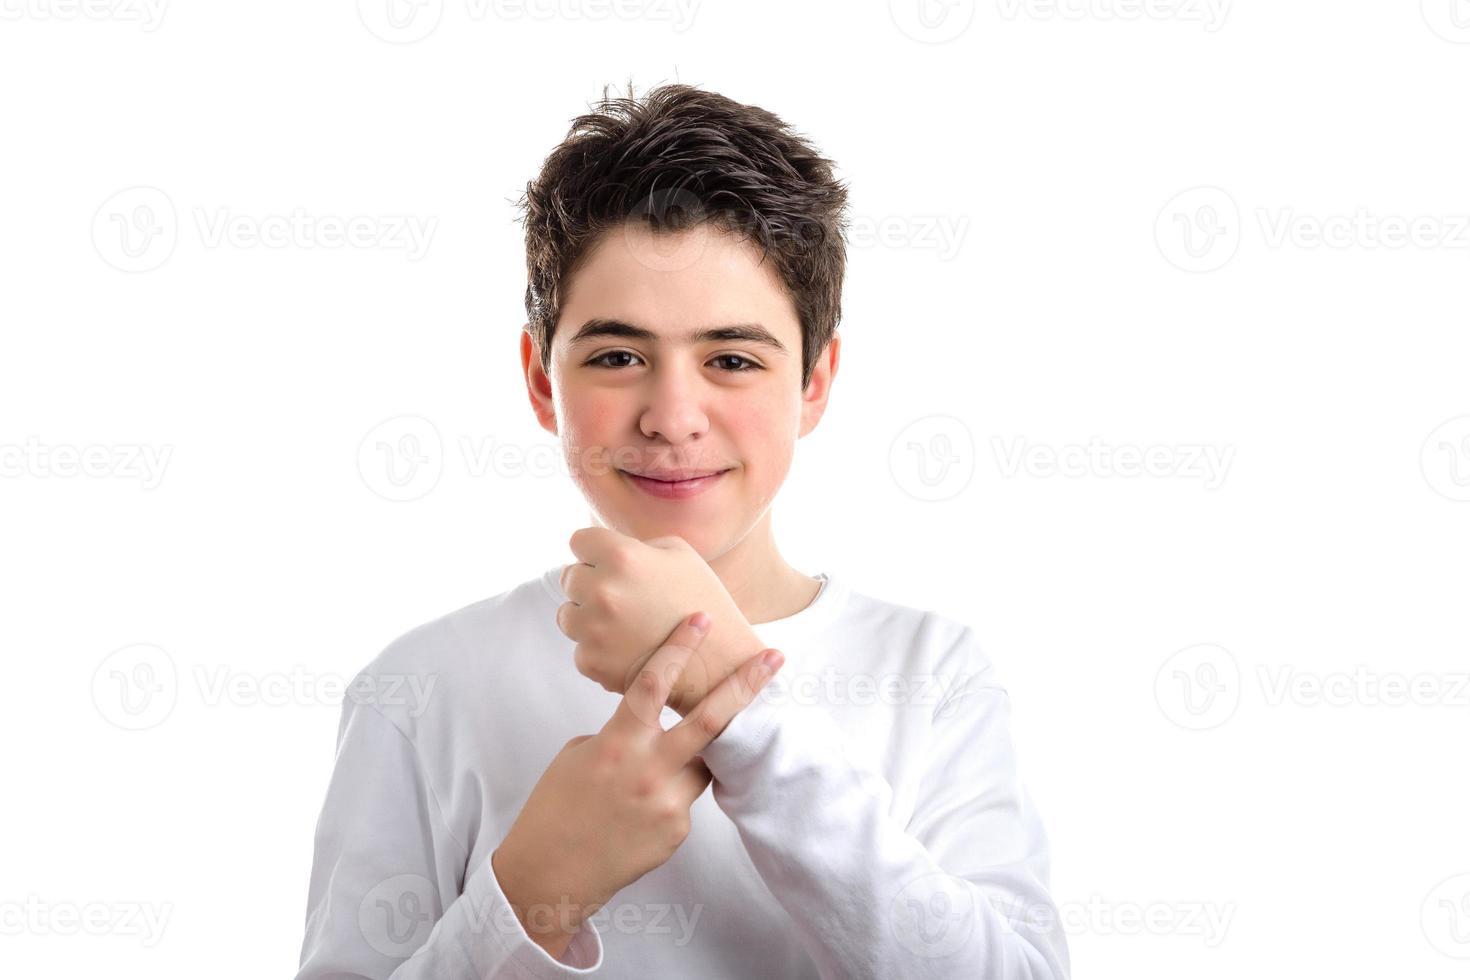 bambino caucasico dalla pelle liscia che mette due dita sul polso sinistro foto